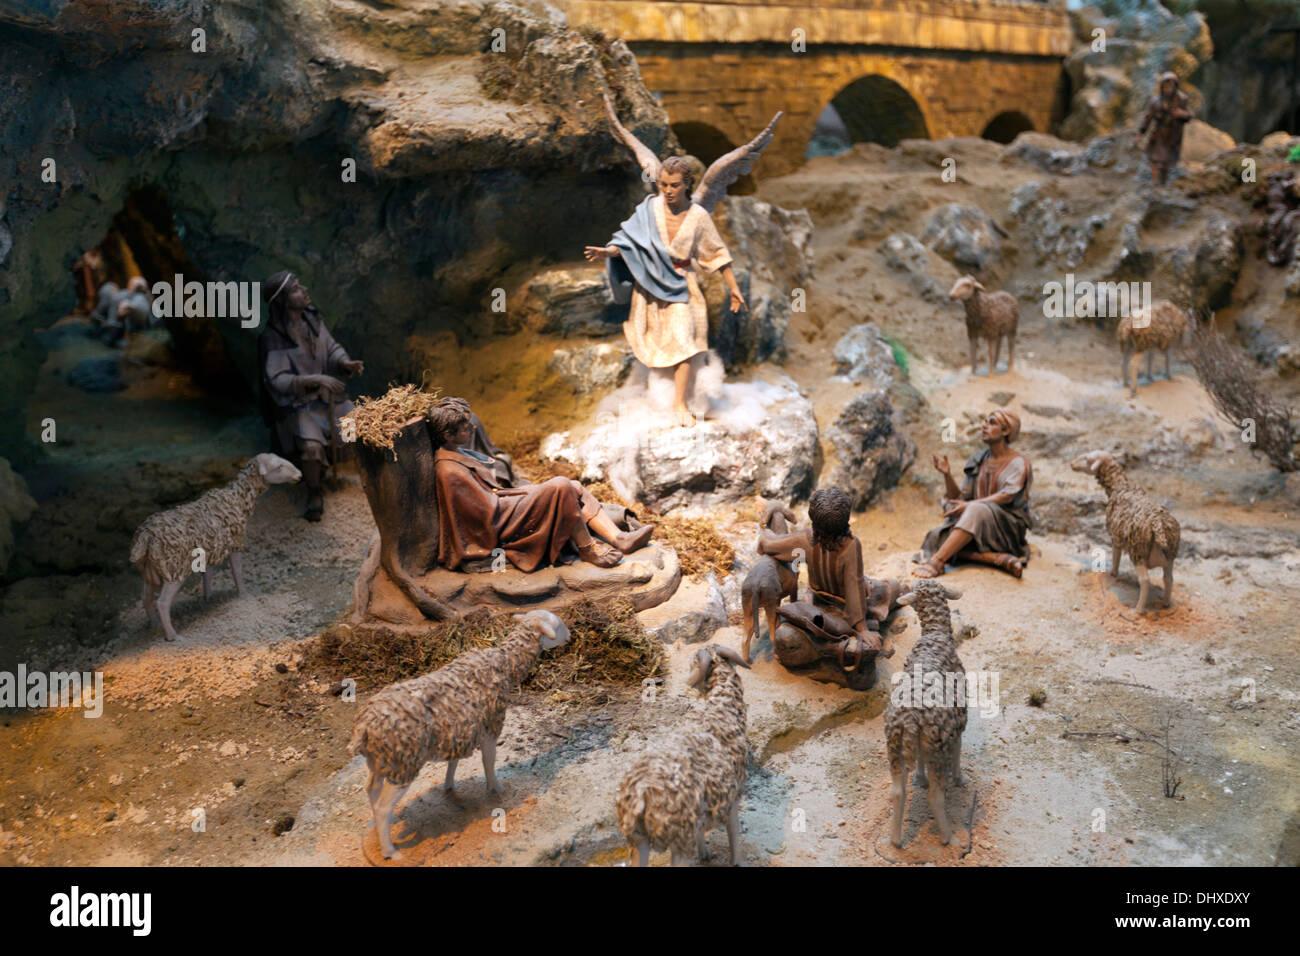 nativity-scene-beln-in-spanish-depicting